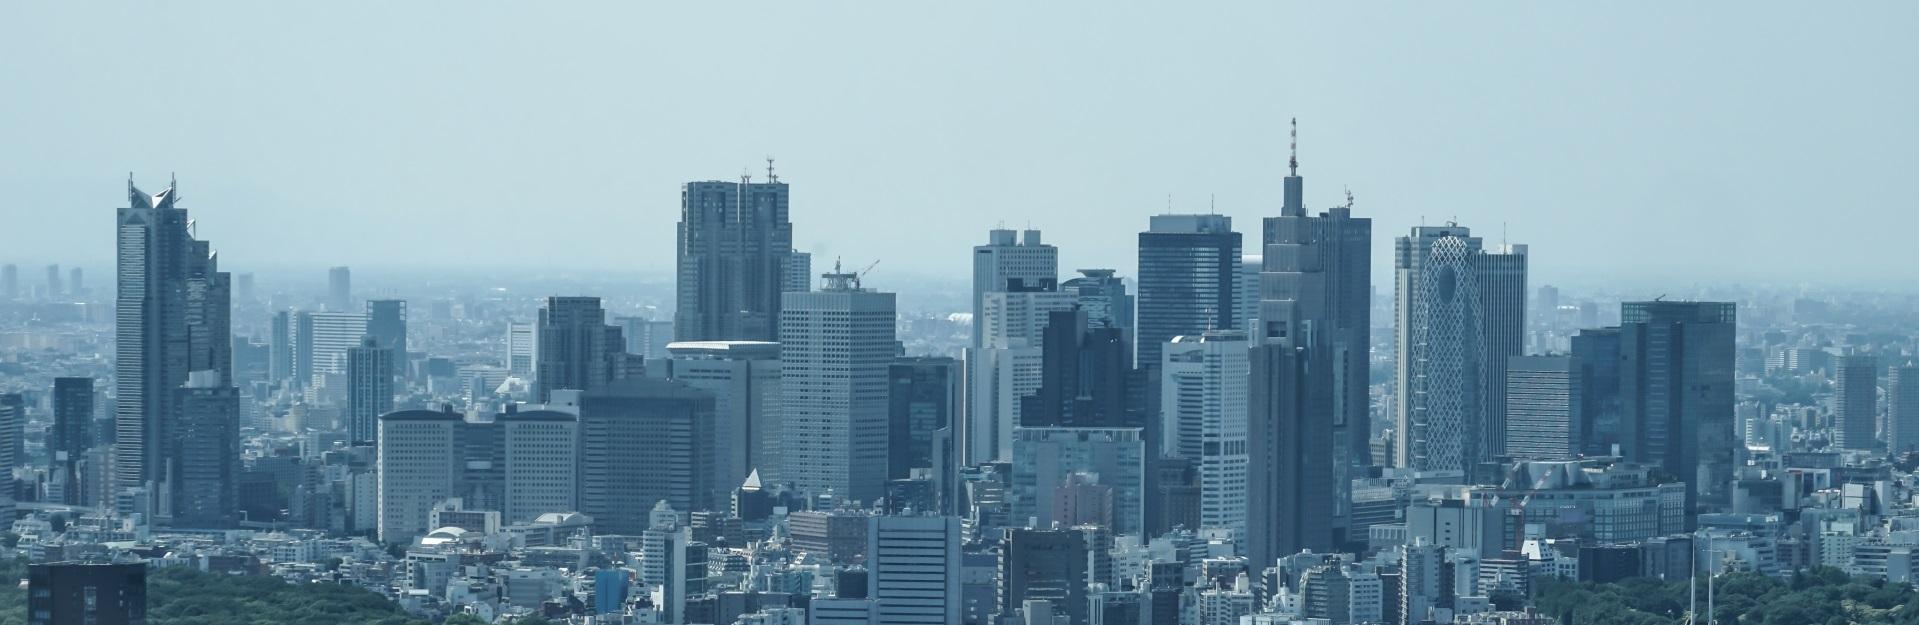 新宿区(新宿・高田馬場・早稲田)のAGA治療クリニック